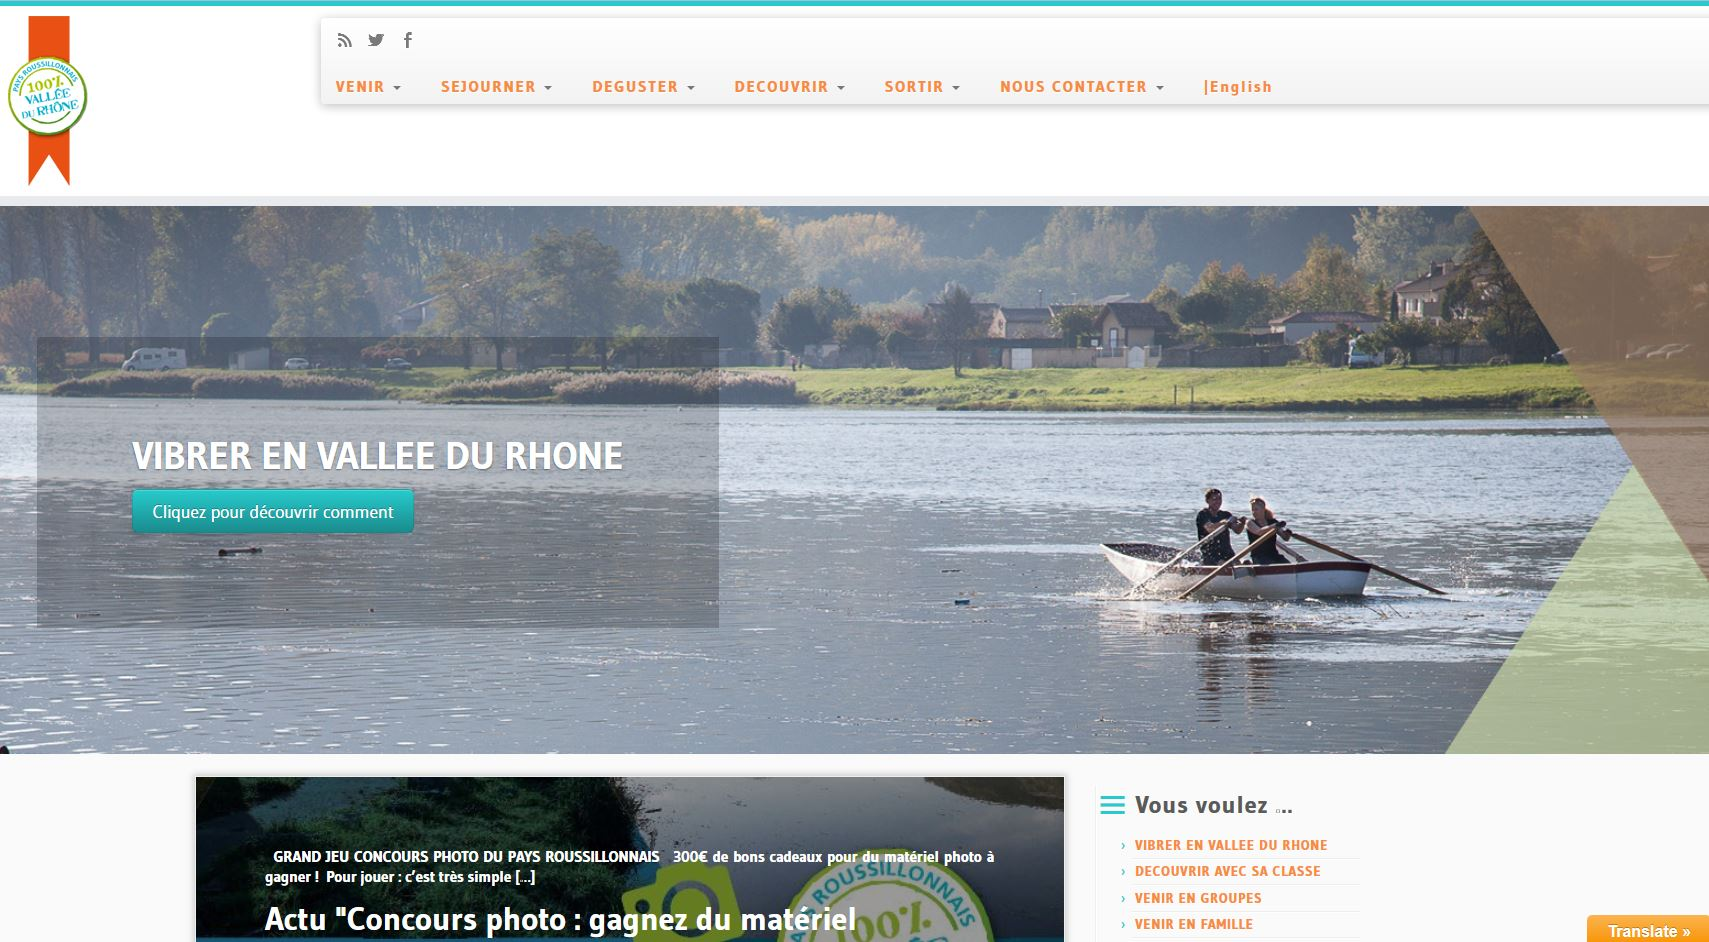 OT Pays Roussillonnais| Relooking & Ergonomie 2.0 | Sous-traitance